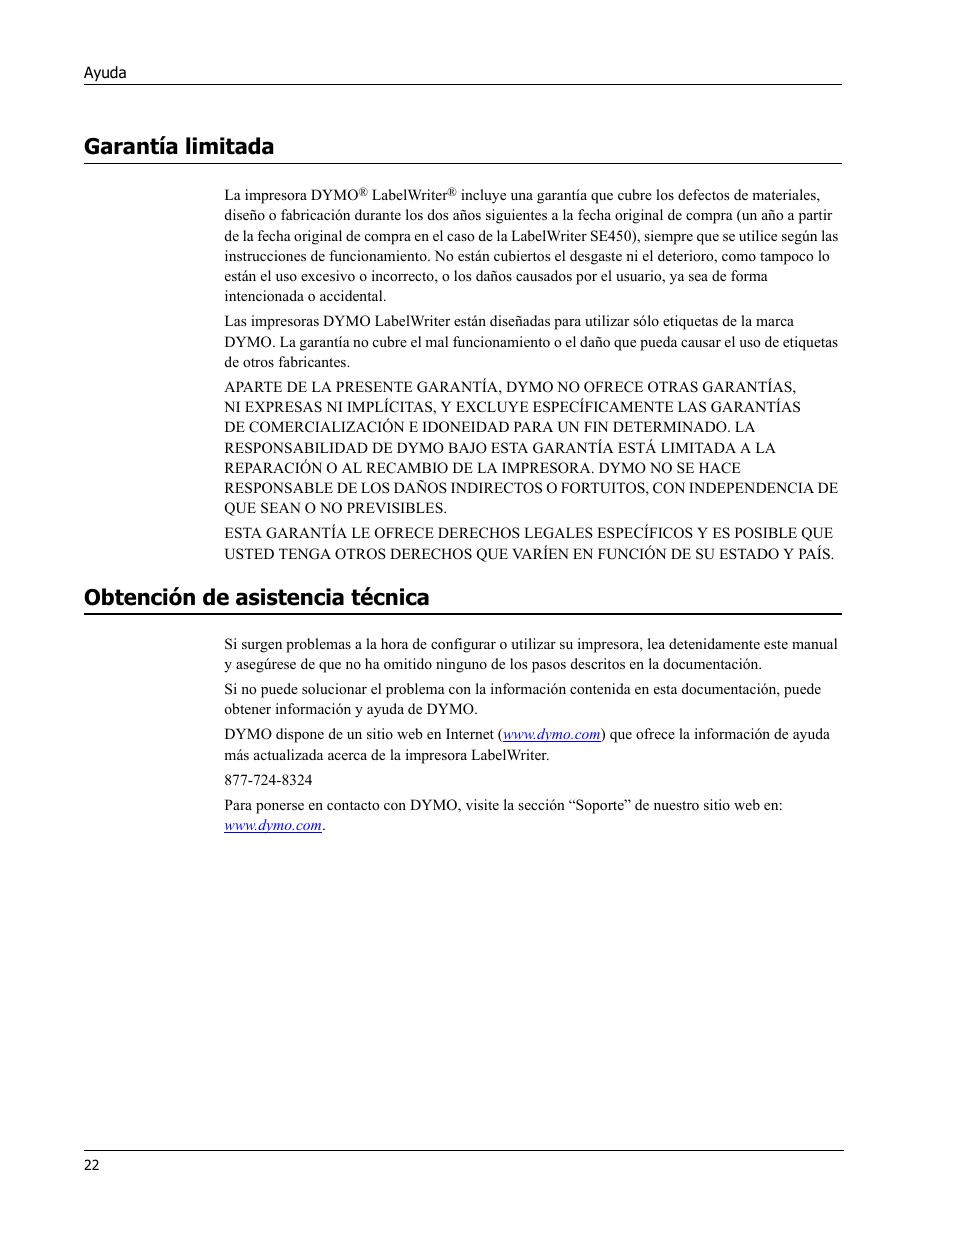 Garantía limitada, Obtención de asistencia técnica | Dymo LabelWriter 450  Turbo Hardware Manual Manual del